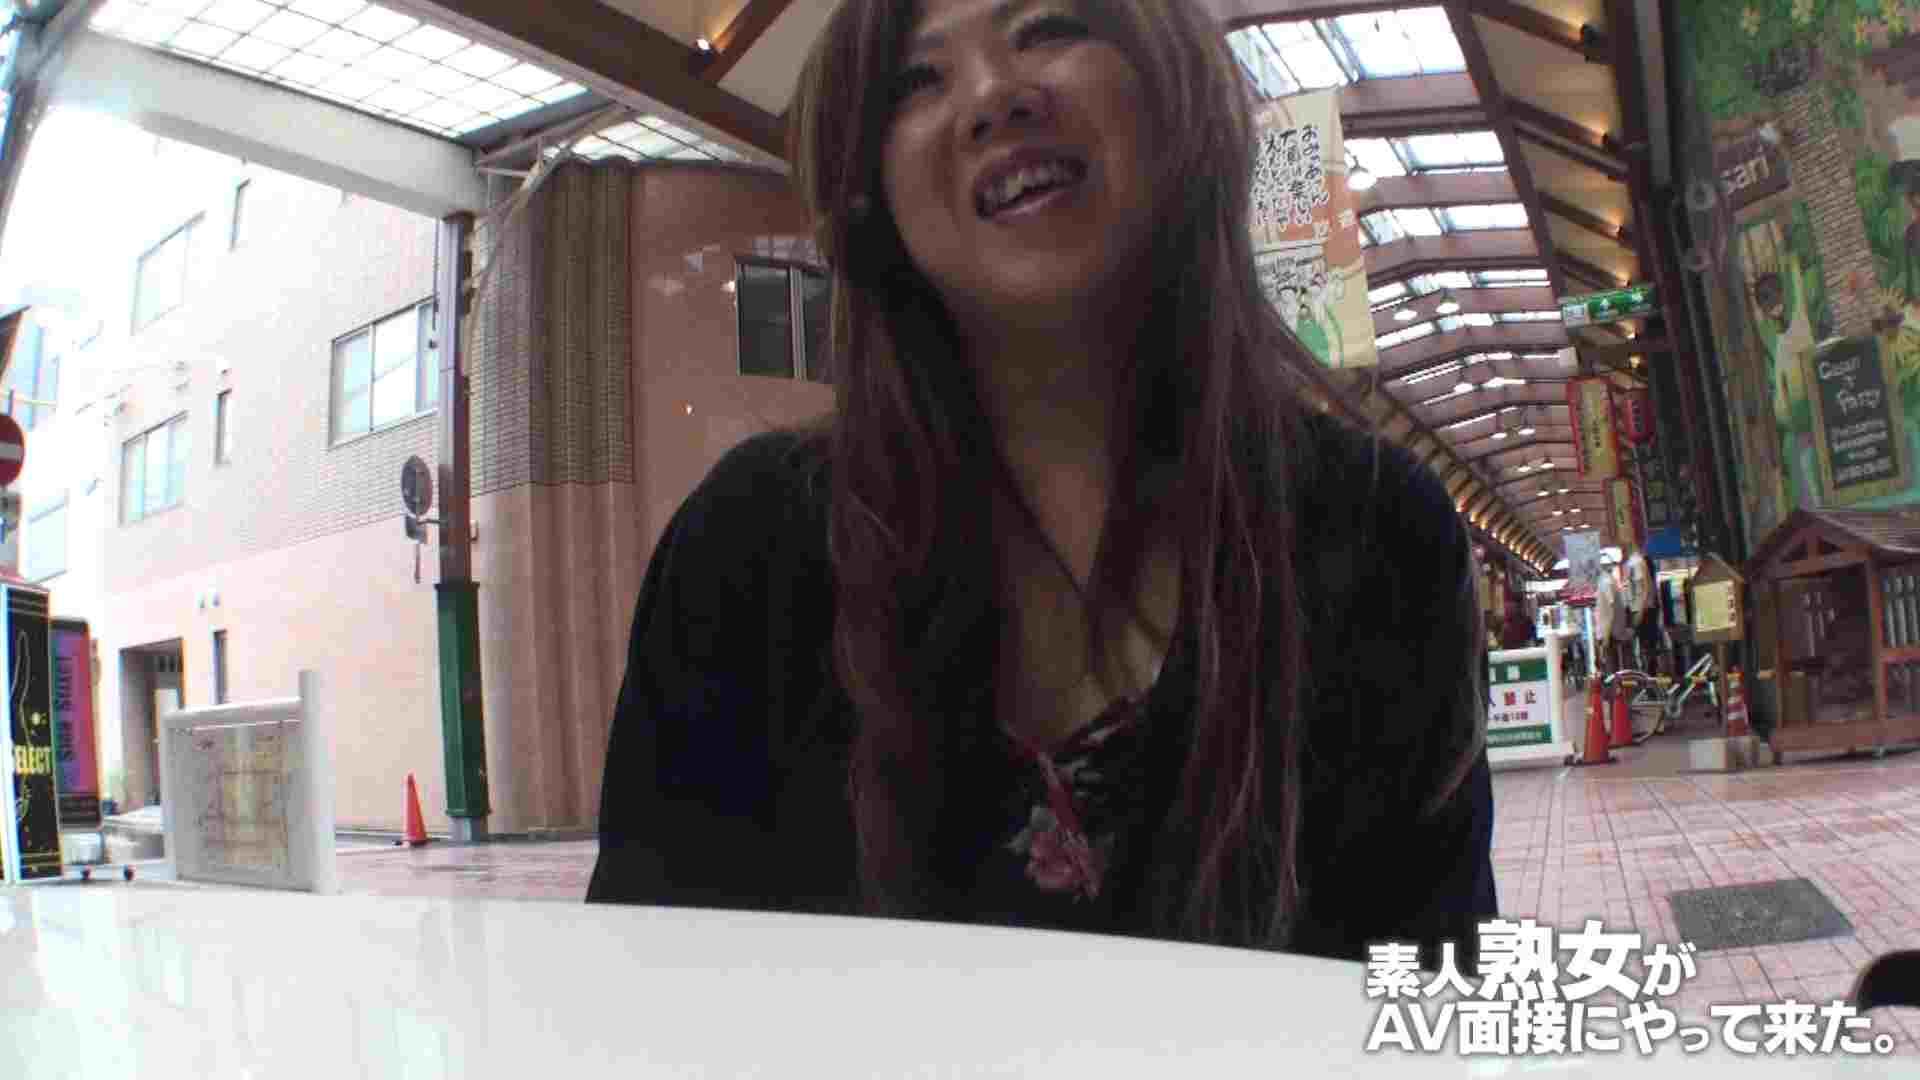 素人熟女がAV面接にやってきた (仮名)ゆかさんVOL.01 エッチな熟女 盗撮動画紹介 57pic 28